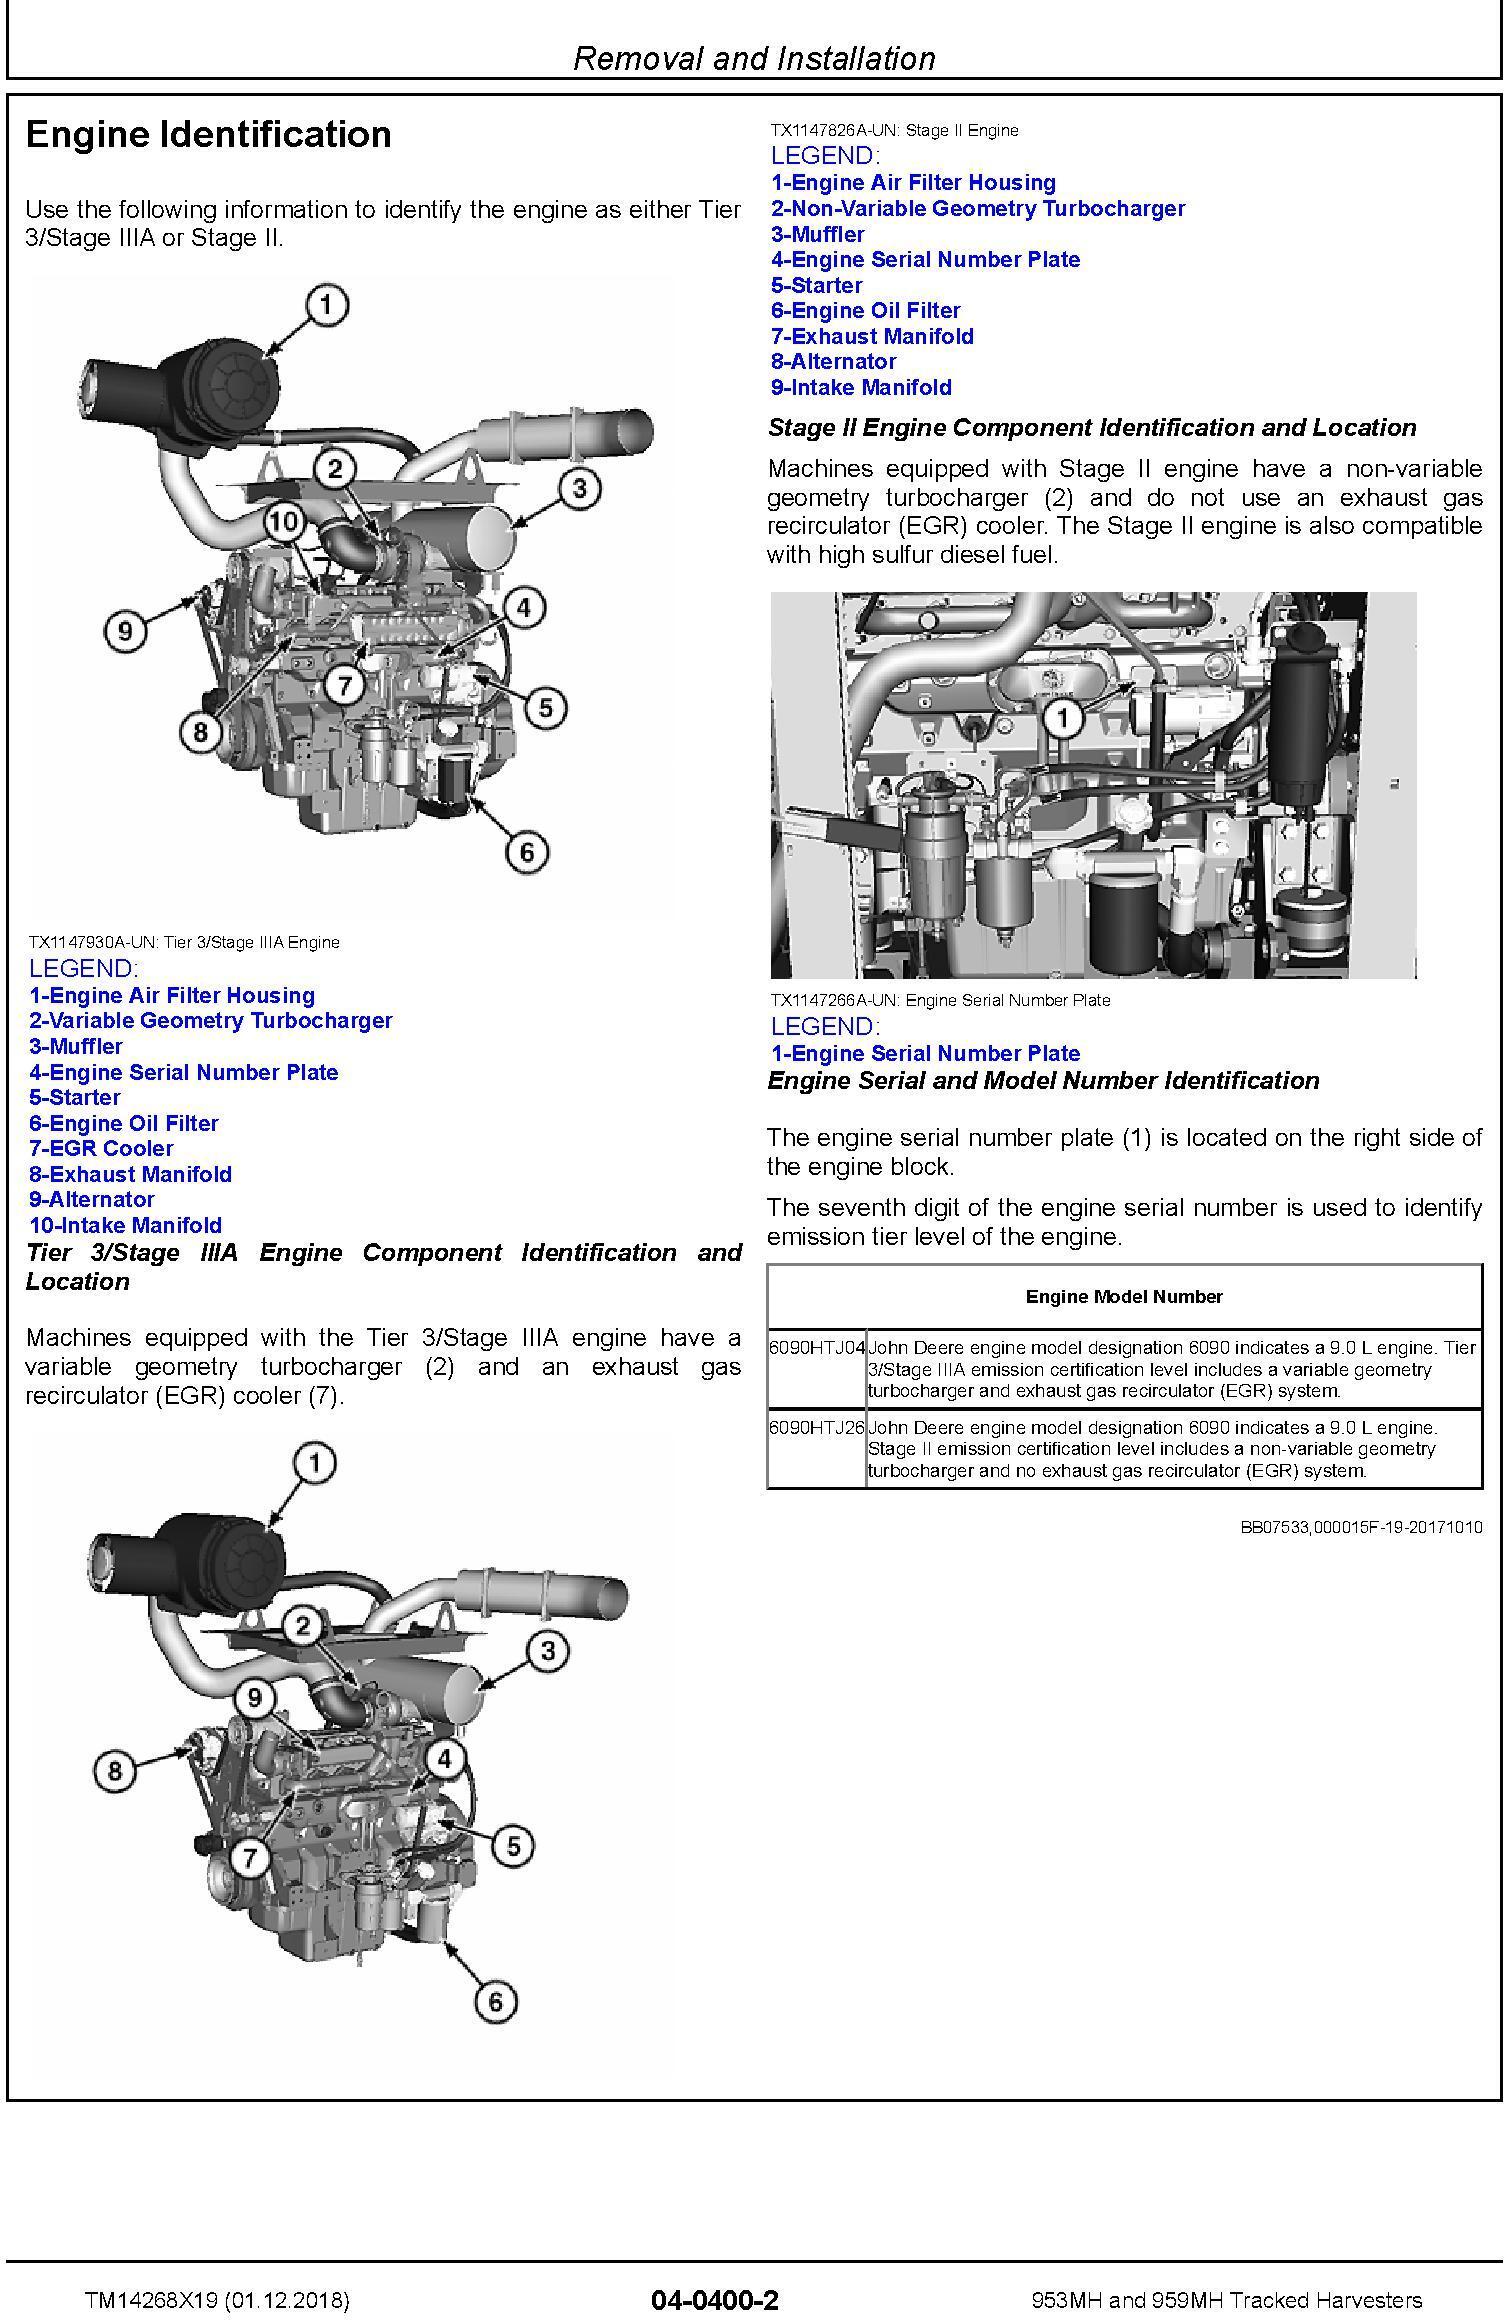 John Deere 953MH, 959MH (SN.C317982-,D317982-) Tracked Harvesters Service Repair Manual (TM14268X19) - 3